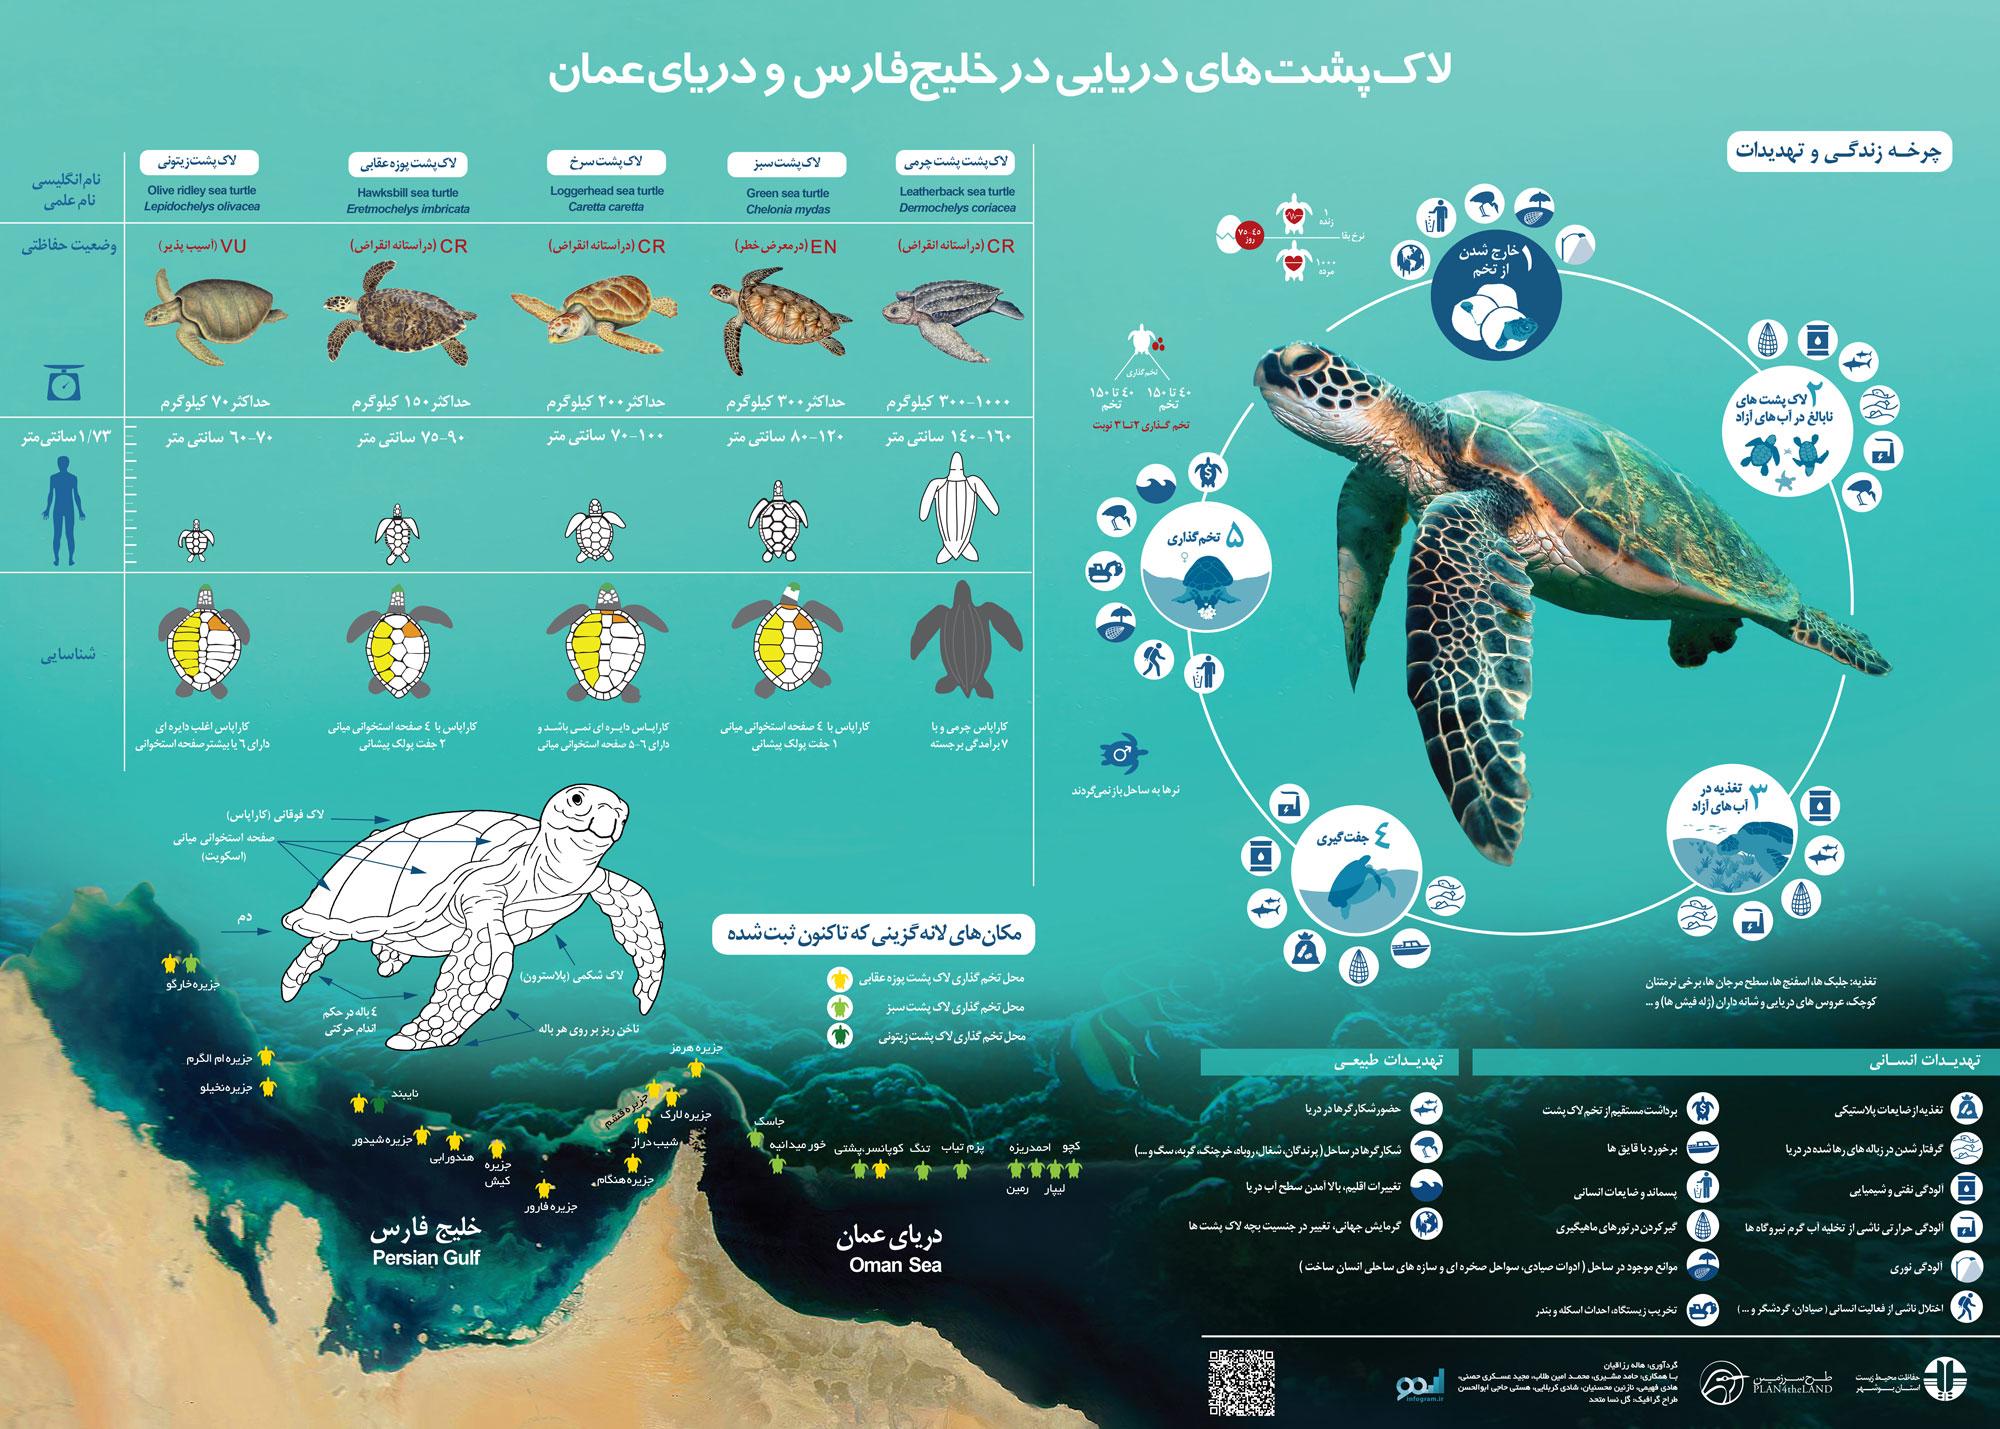 لاک پشت های خلیج فارس